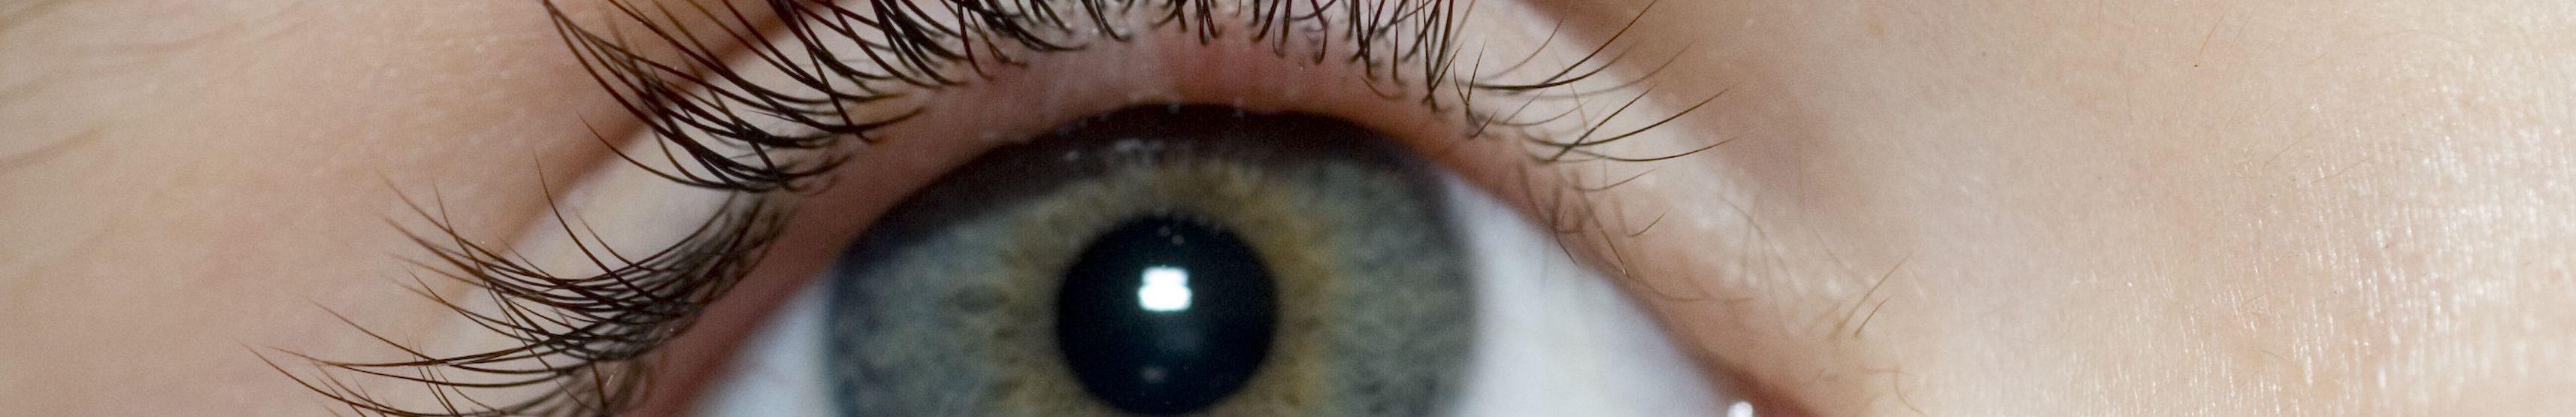 eye-stye